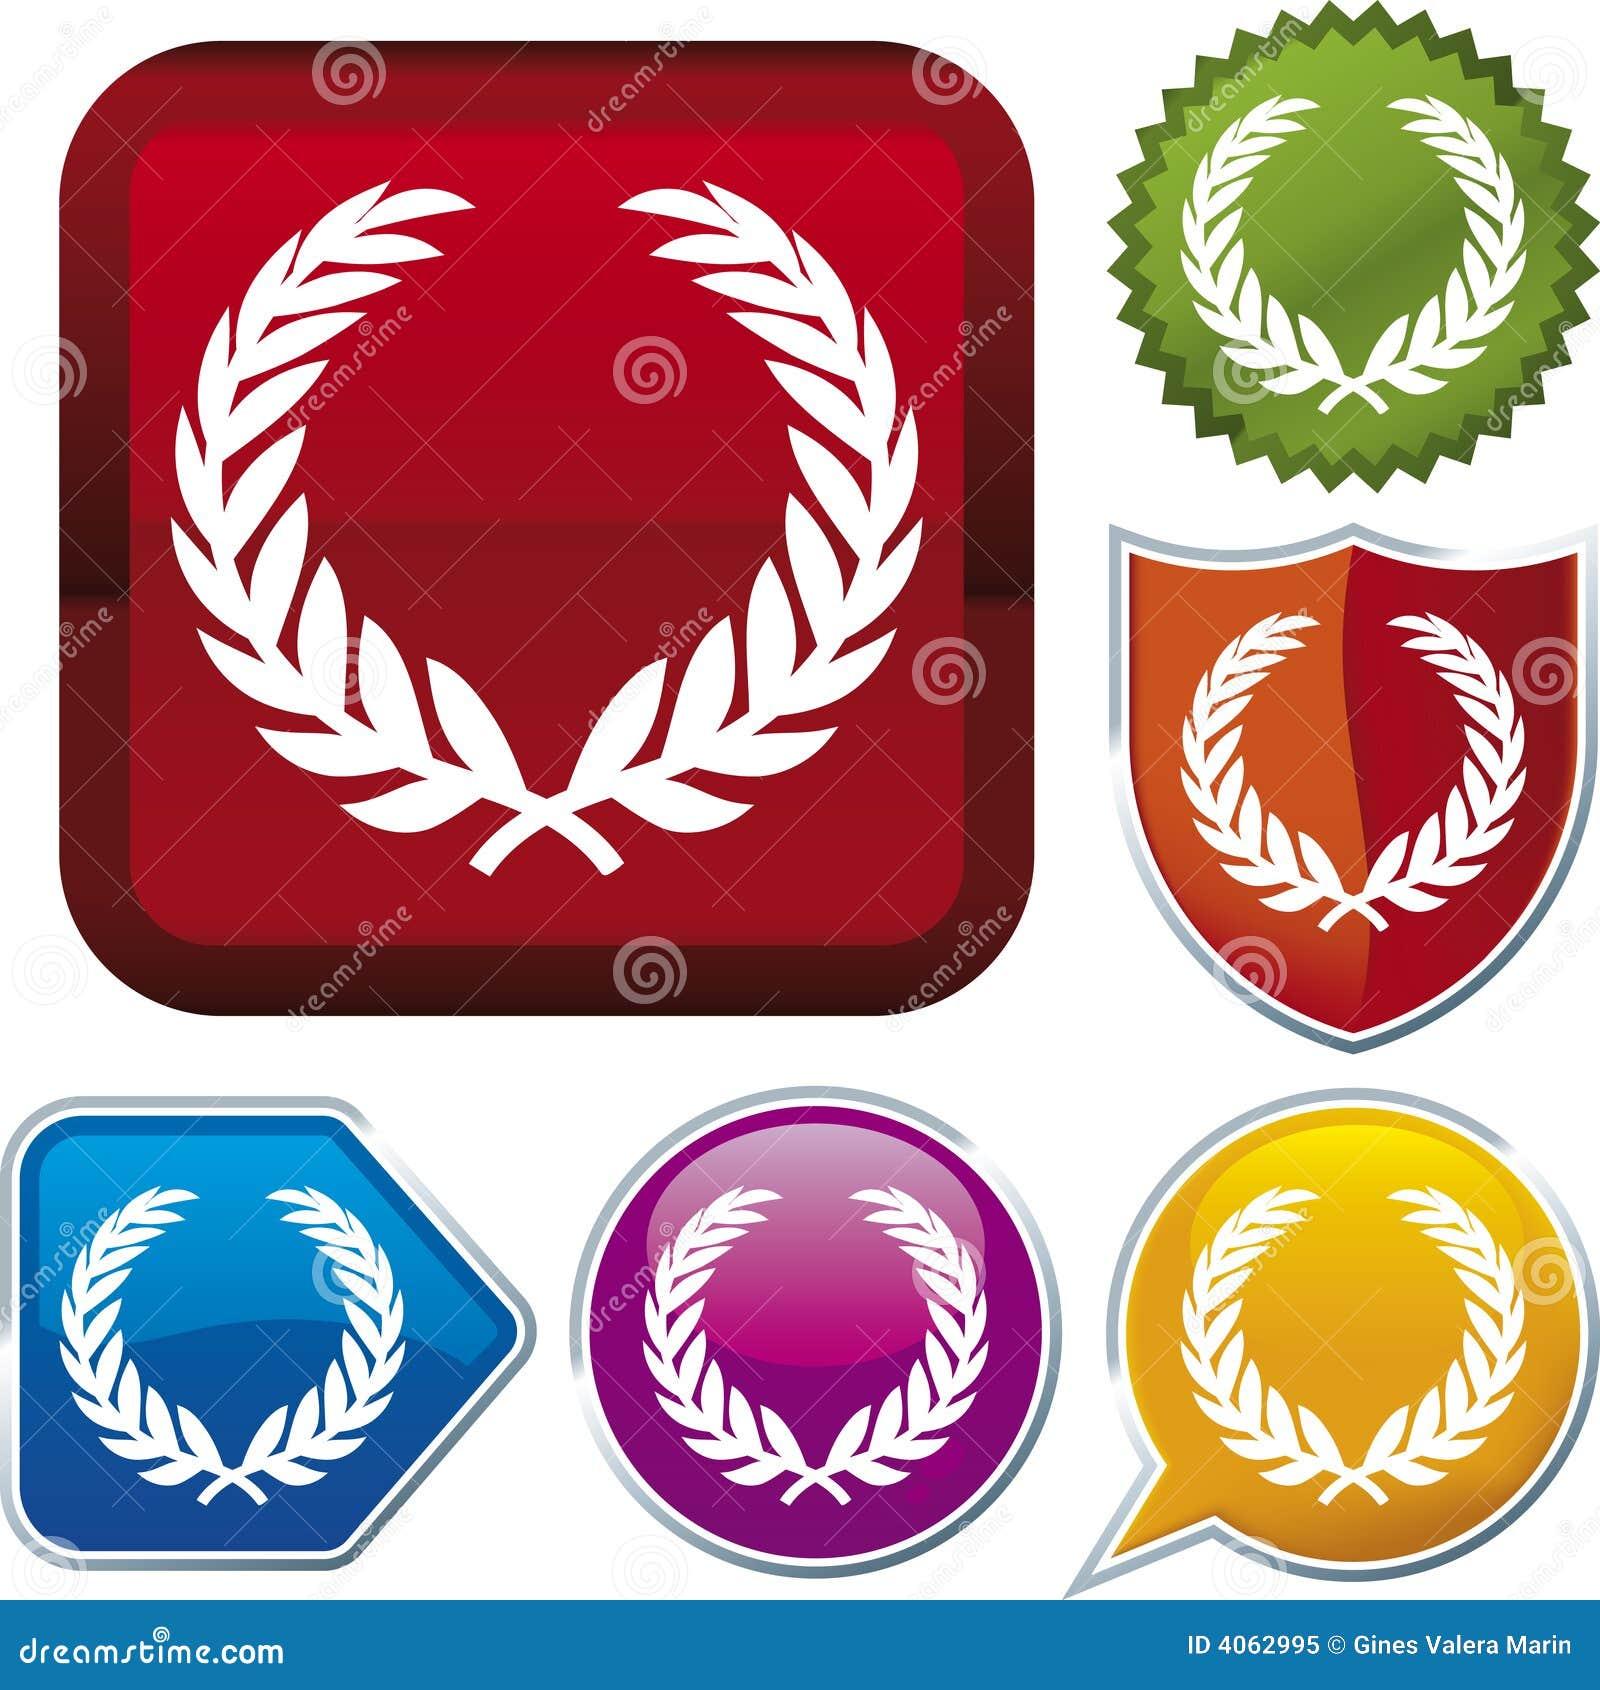 Ikonenserie: Wreath (Vektor)